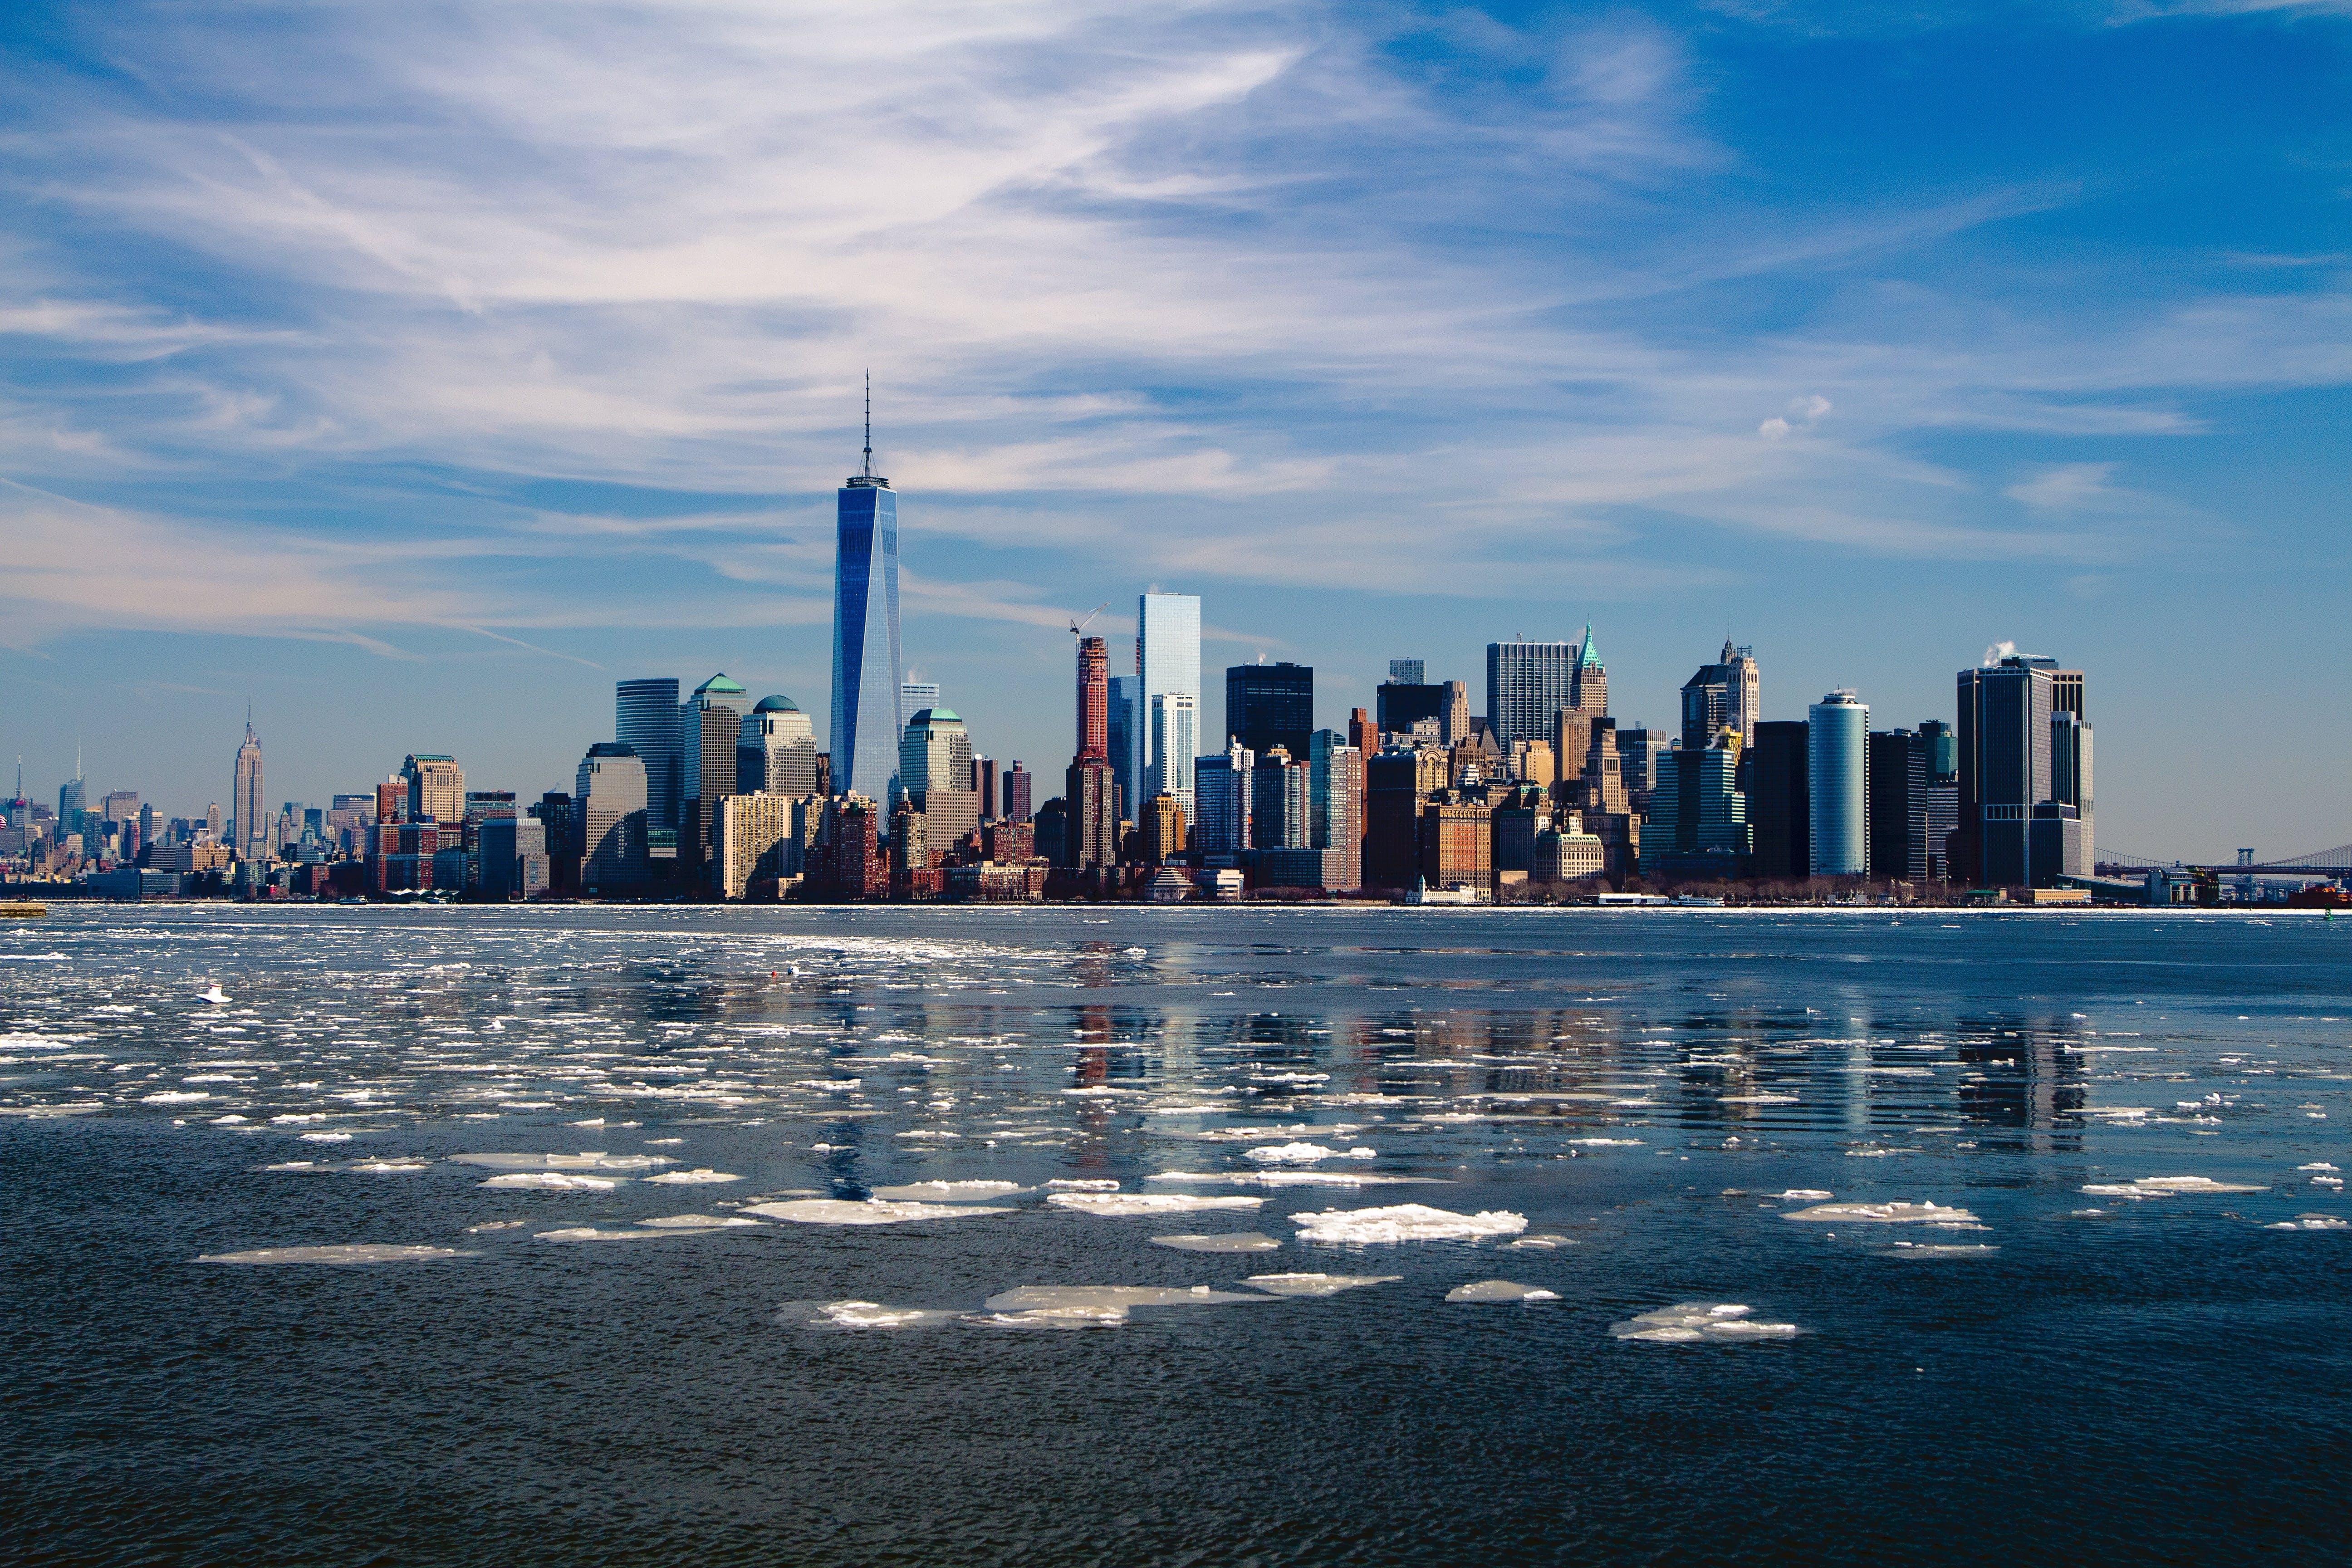 Kostenloses Stock Foto zu amerika, eis, gebäude, himmel